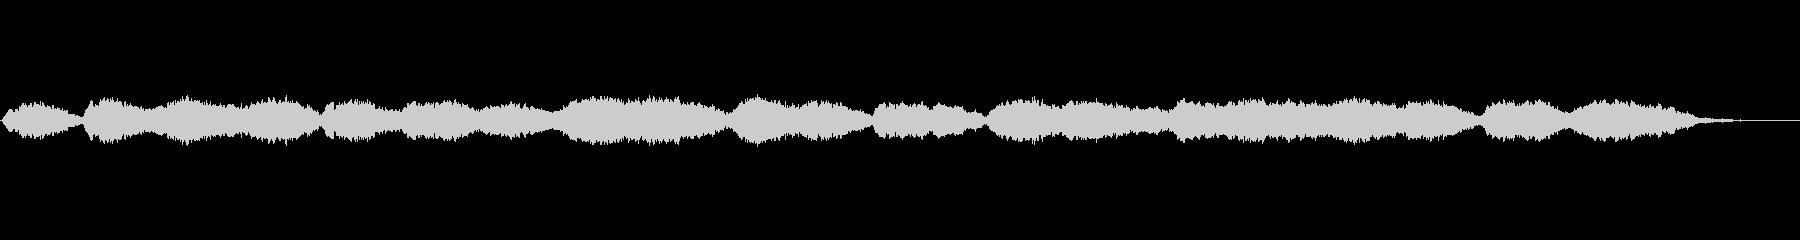 オリジナルのBGMドキュメンタリー風の未再生の波形